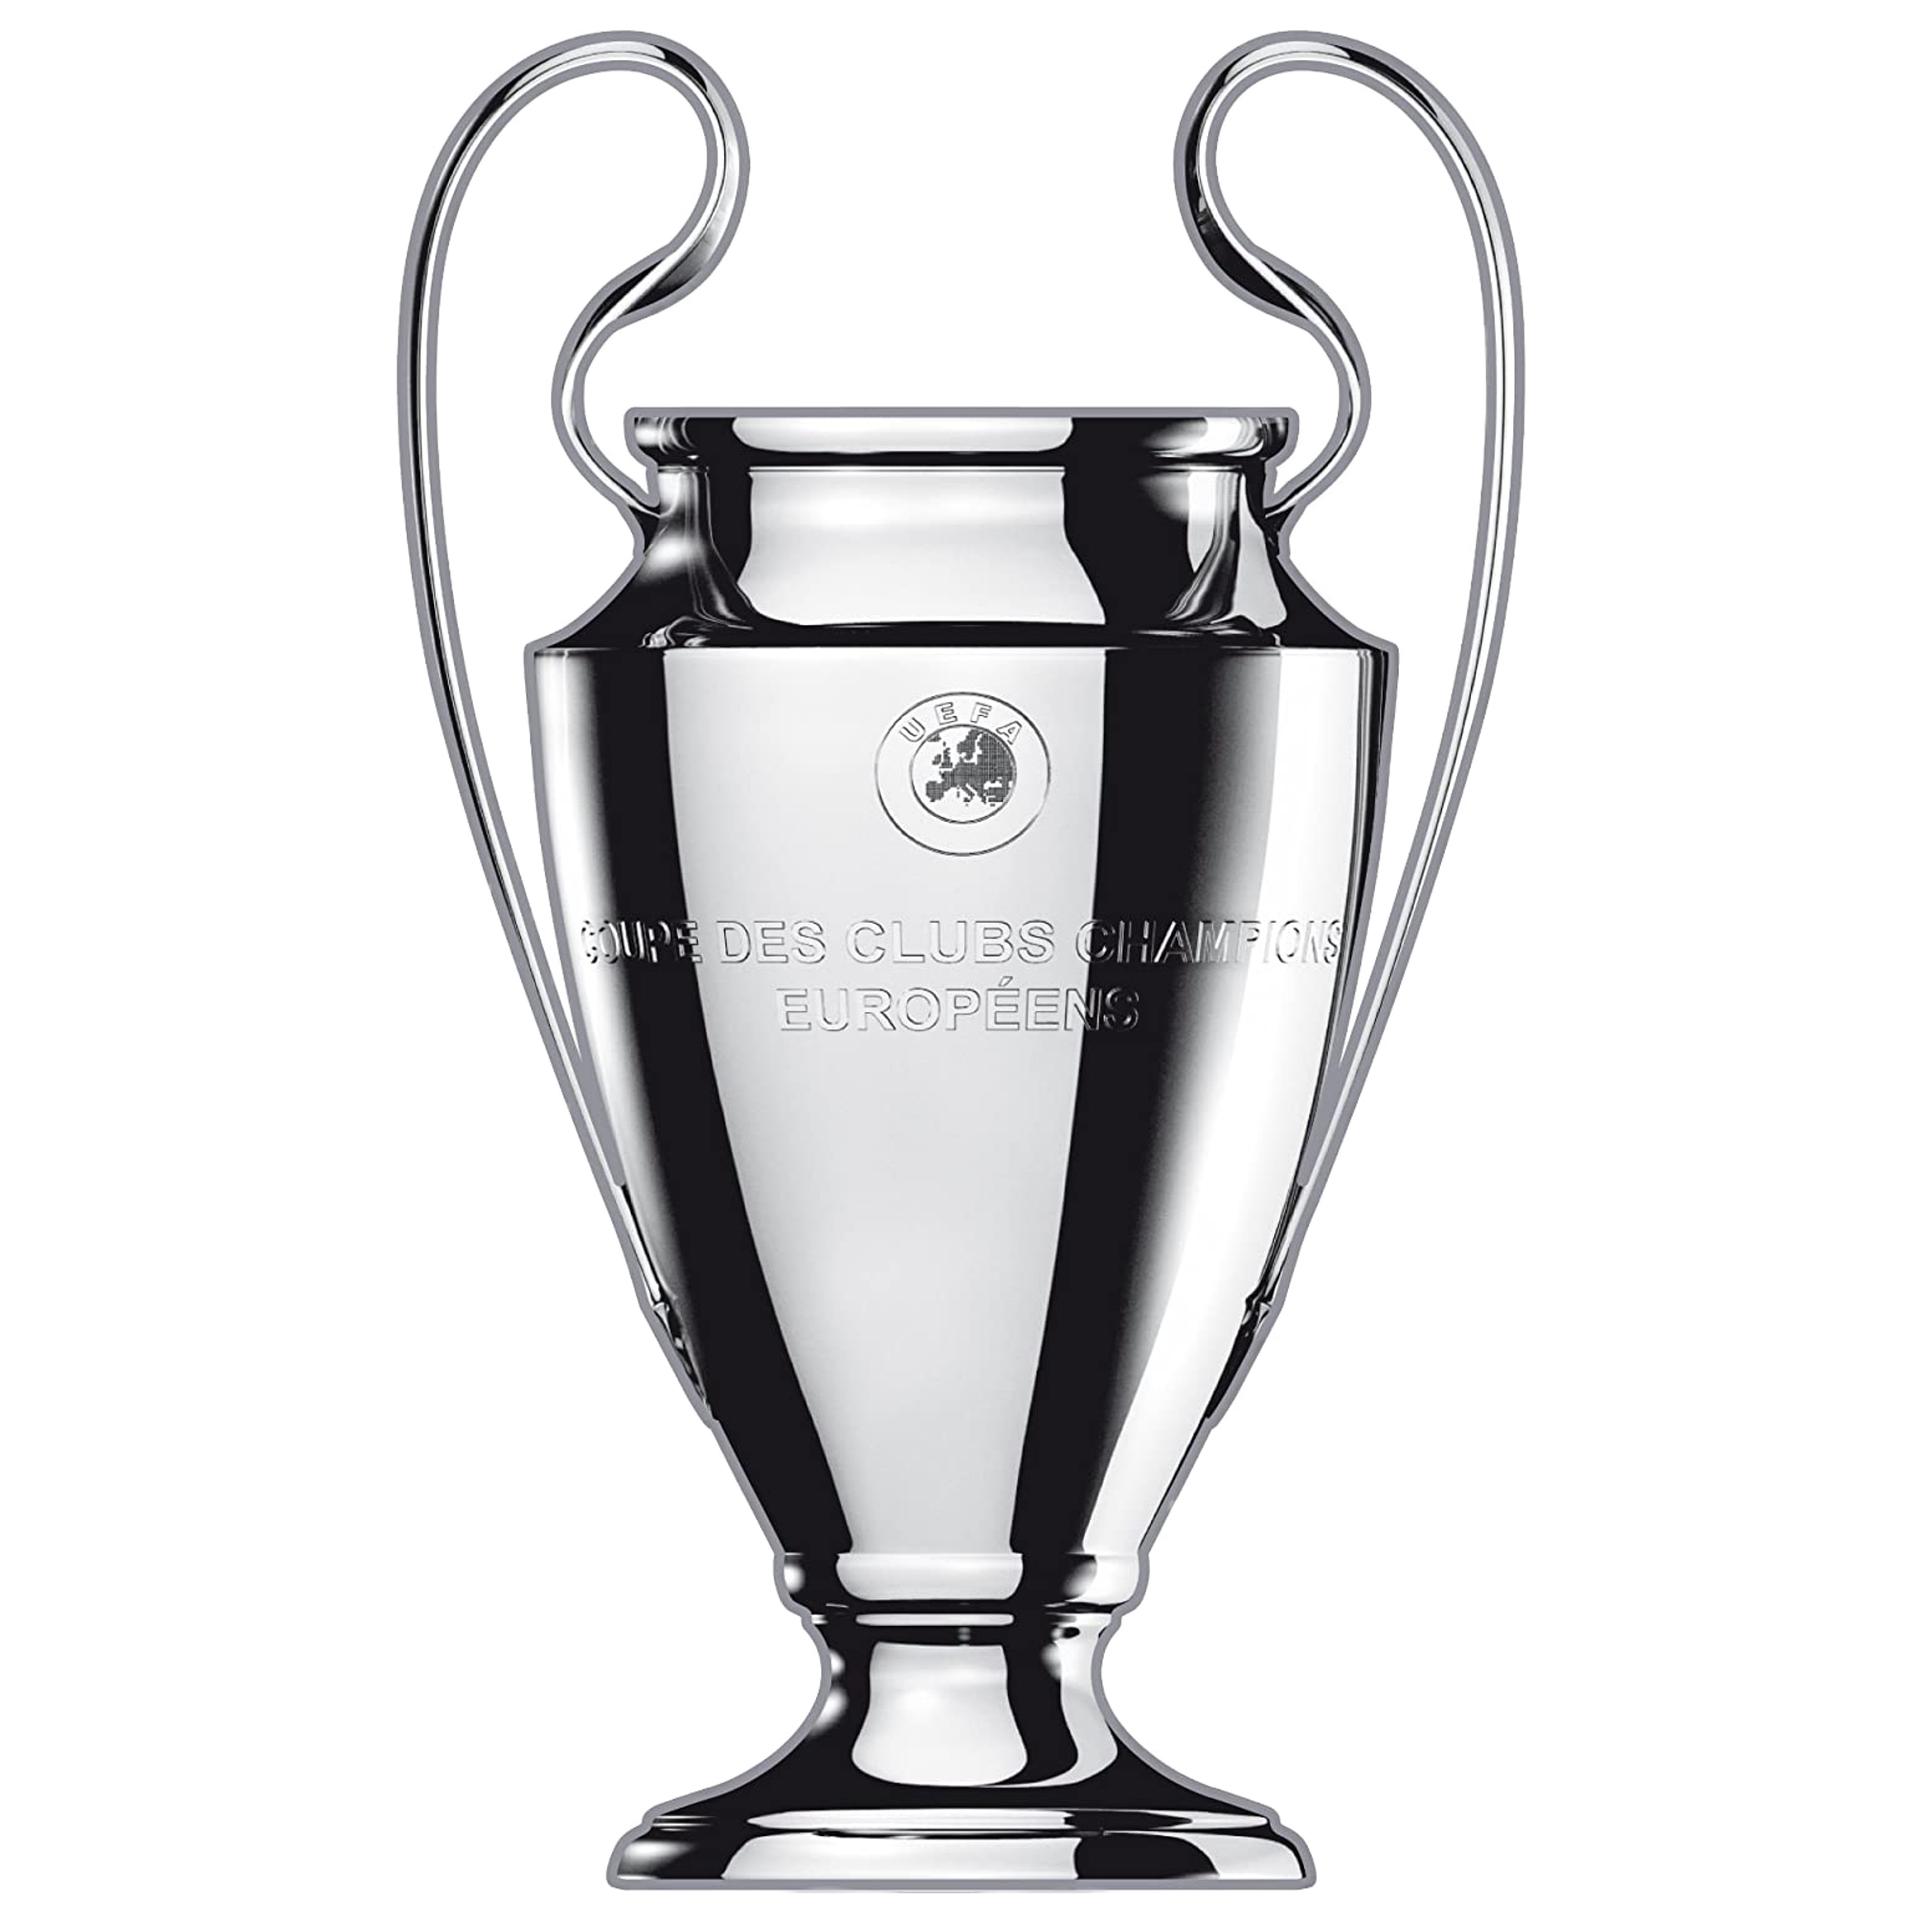 Champions league soccer trophy